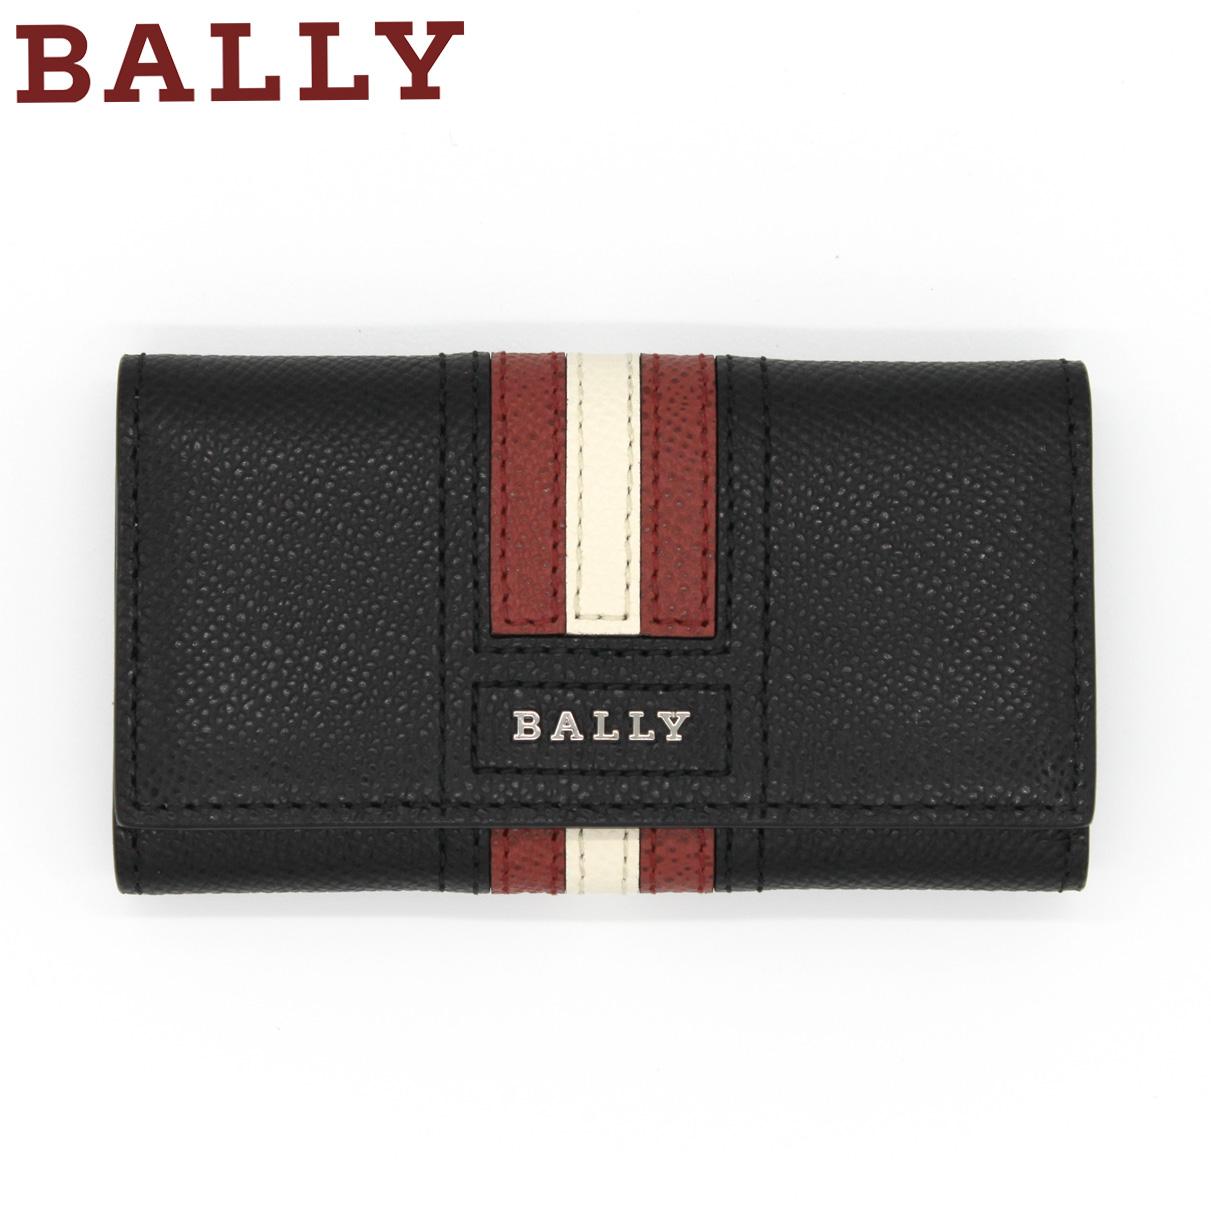 送料無料 営業日15時までのご注文で即日発送 スーパーSALE 10%OFF BALLY バリー 大特価 TALTOS.LT 10 BLACK メンズ ブレゼント ブラック レザー BLACKTALTOS キーケース LT モデル着用&注目アイテム